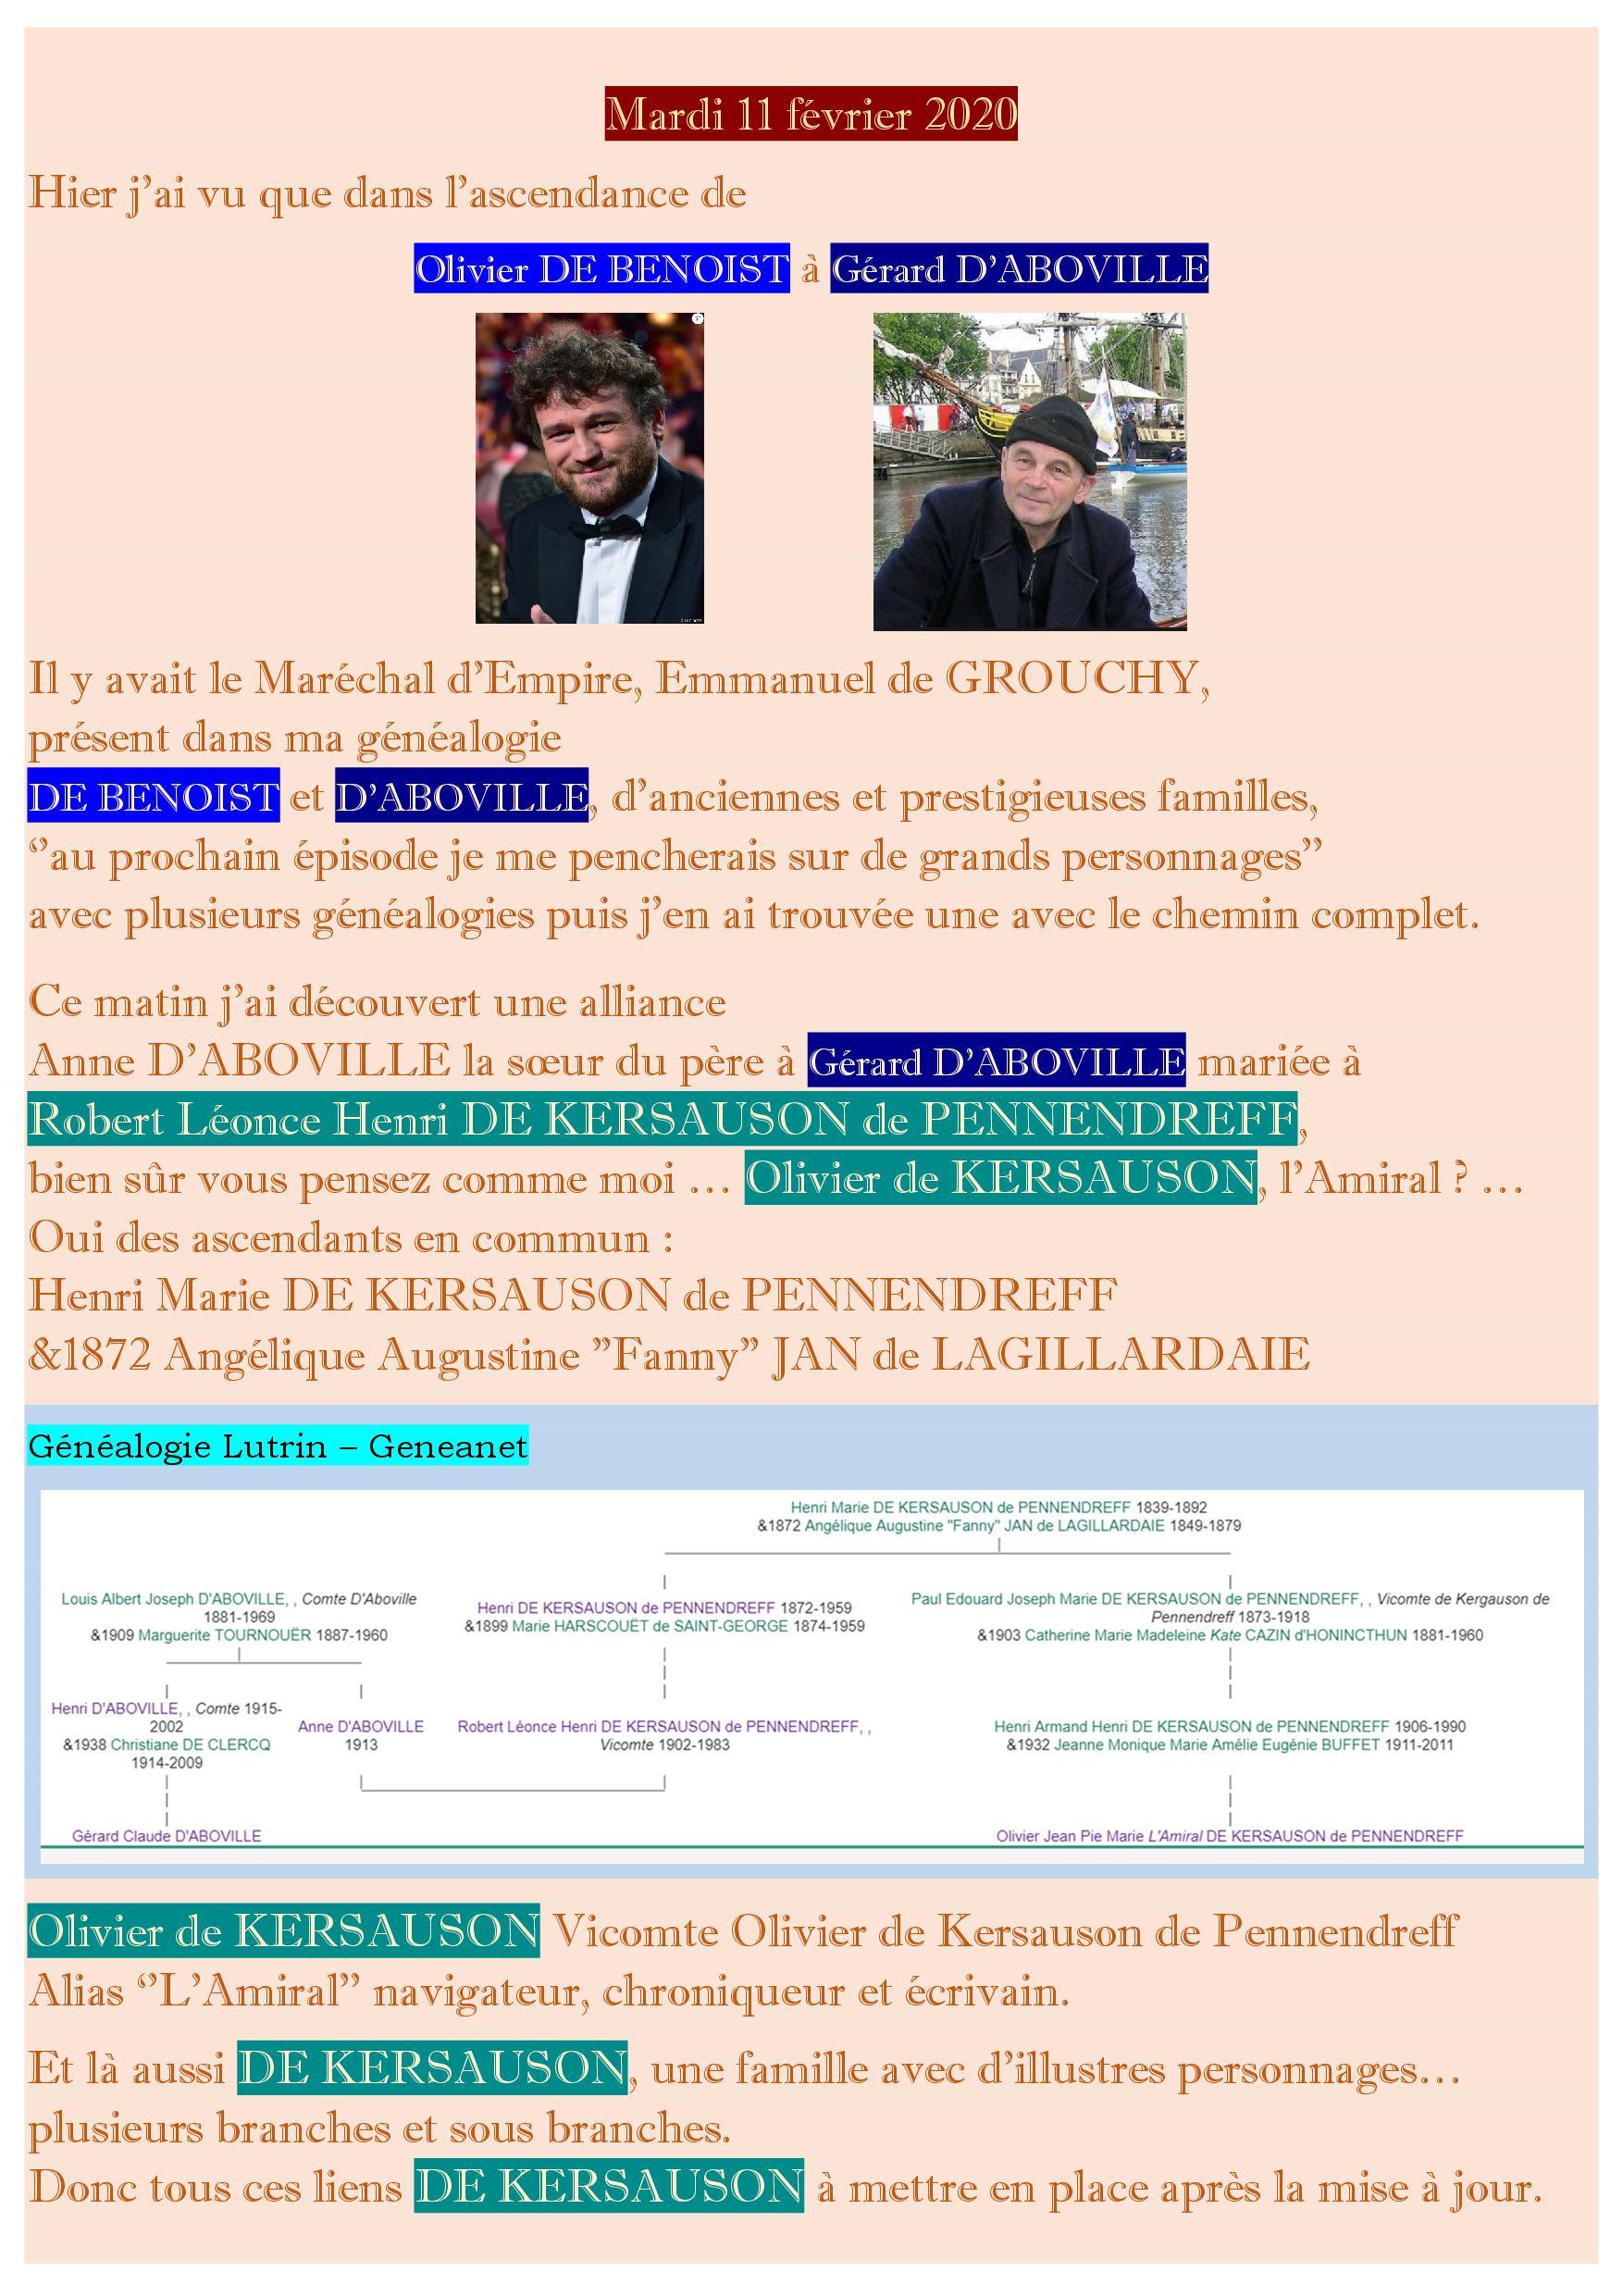 Presentation_de_mes_travaux_genealogiques_janvier_2020_76.jpg